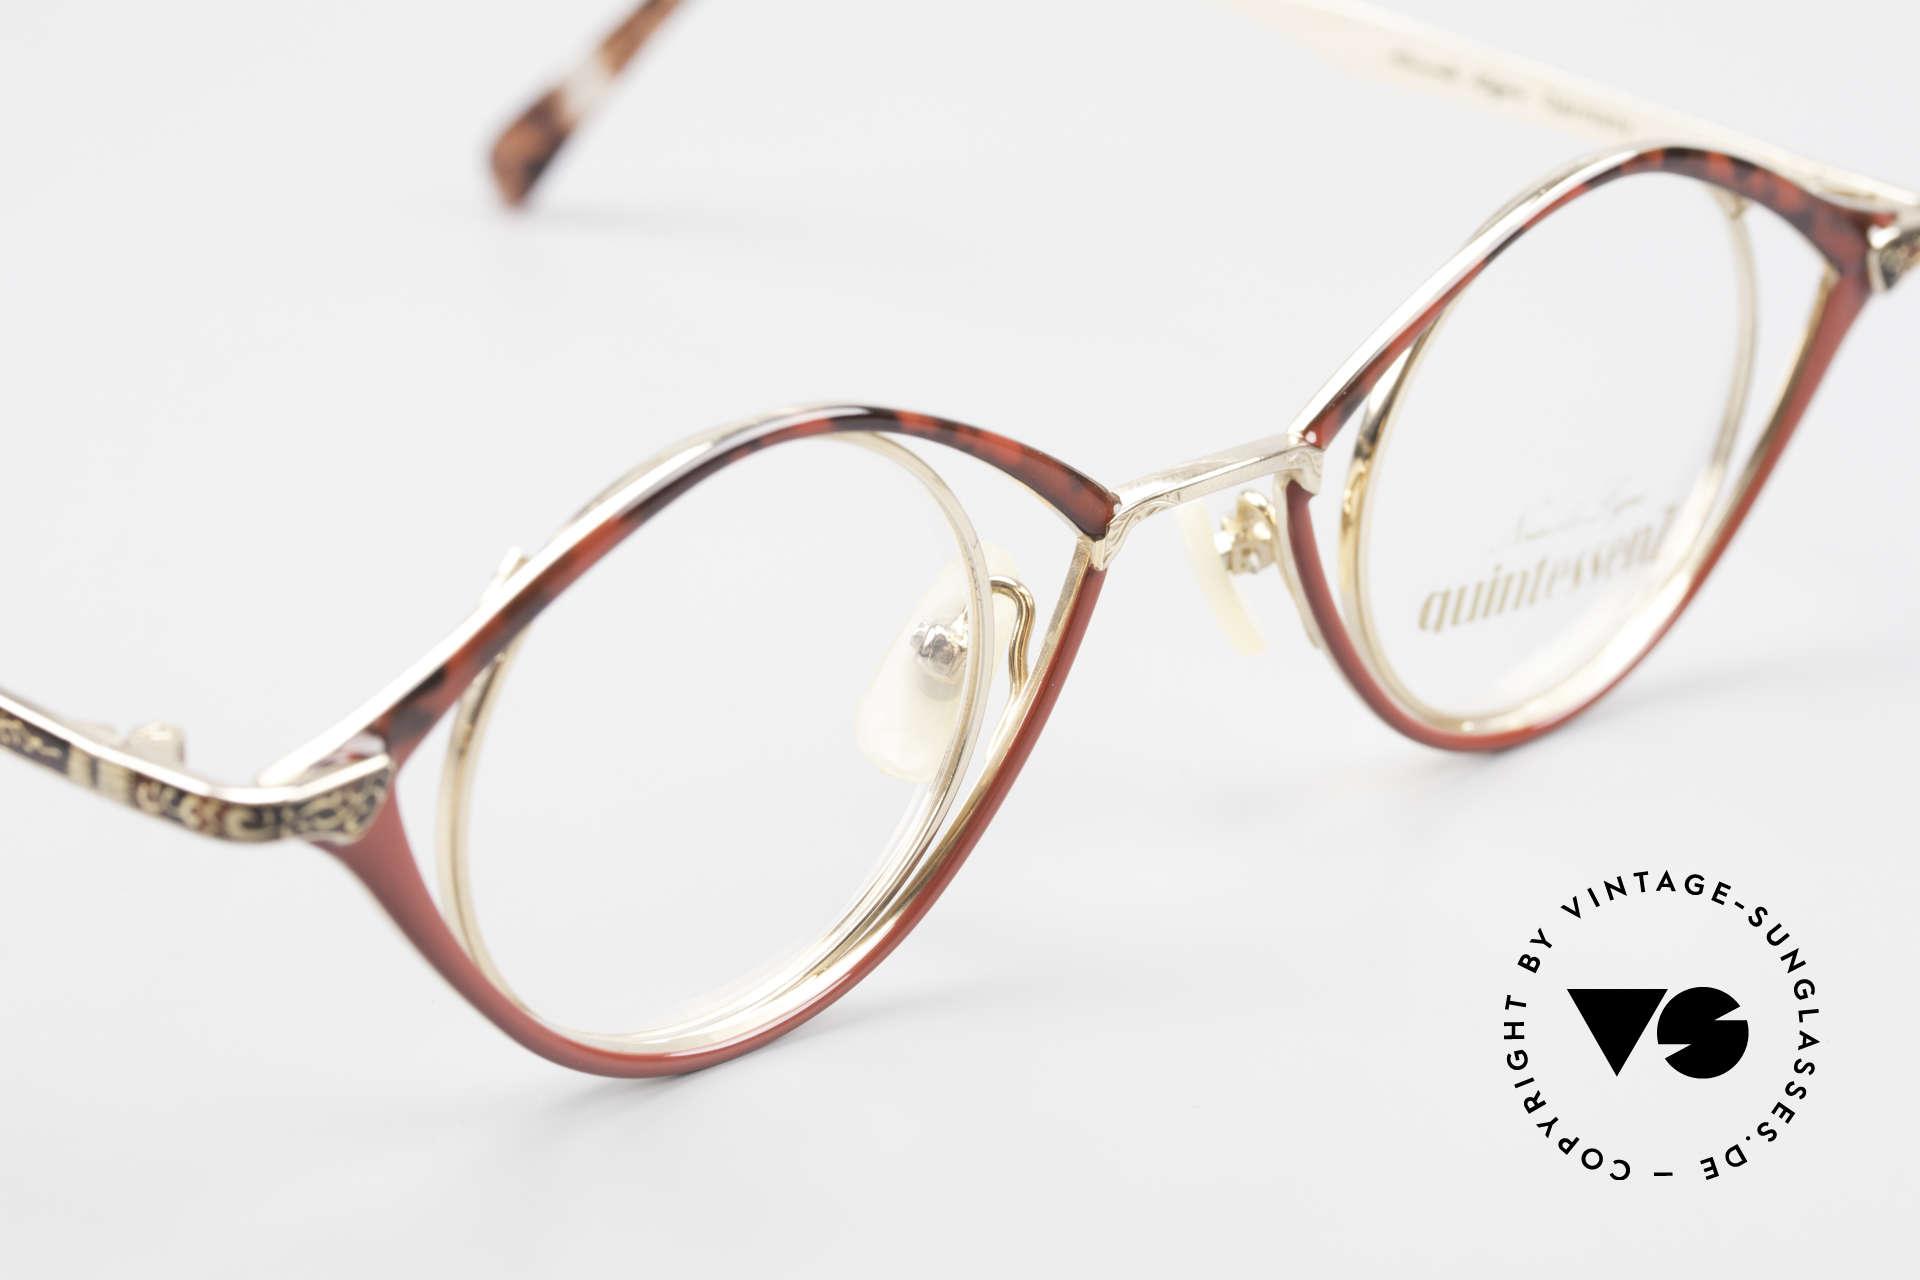 Nouvelle Ligne Q40 Vintage Damenbrille No Retro, KEINE RETRO-Brille, sondern ein altes Original!, Passend für Damen